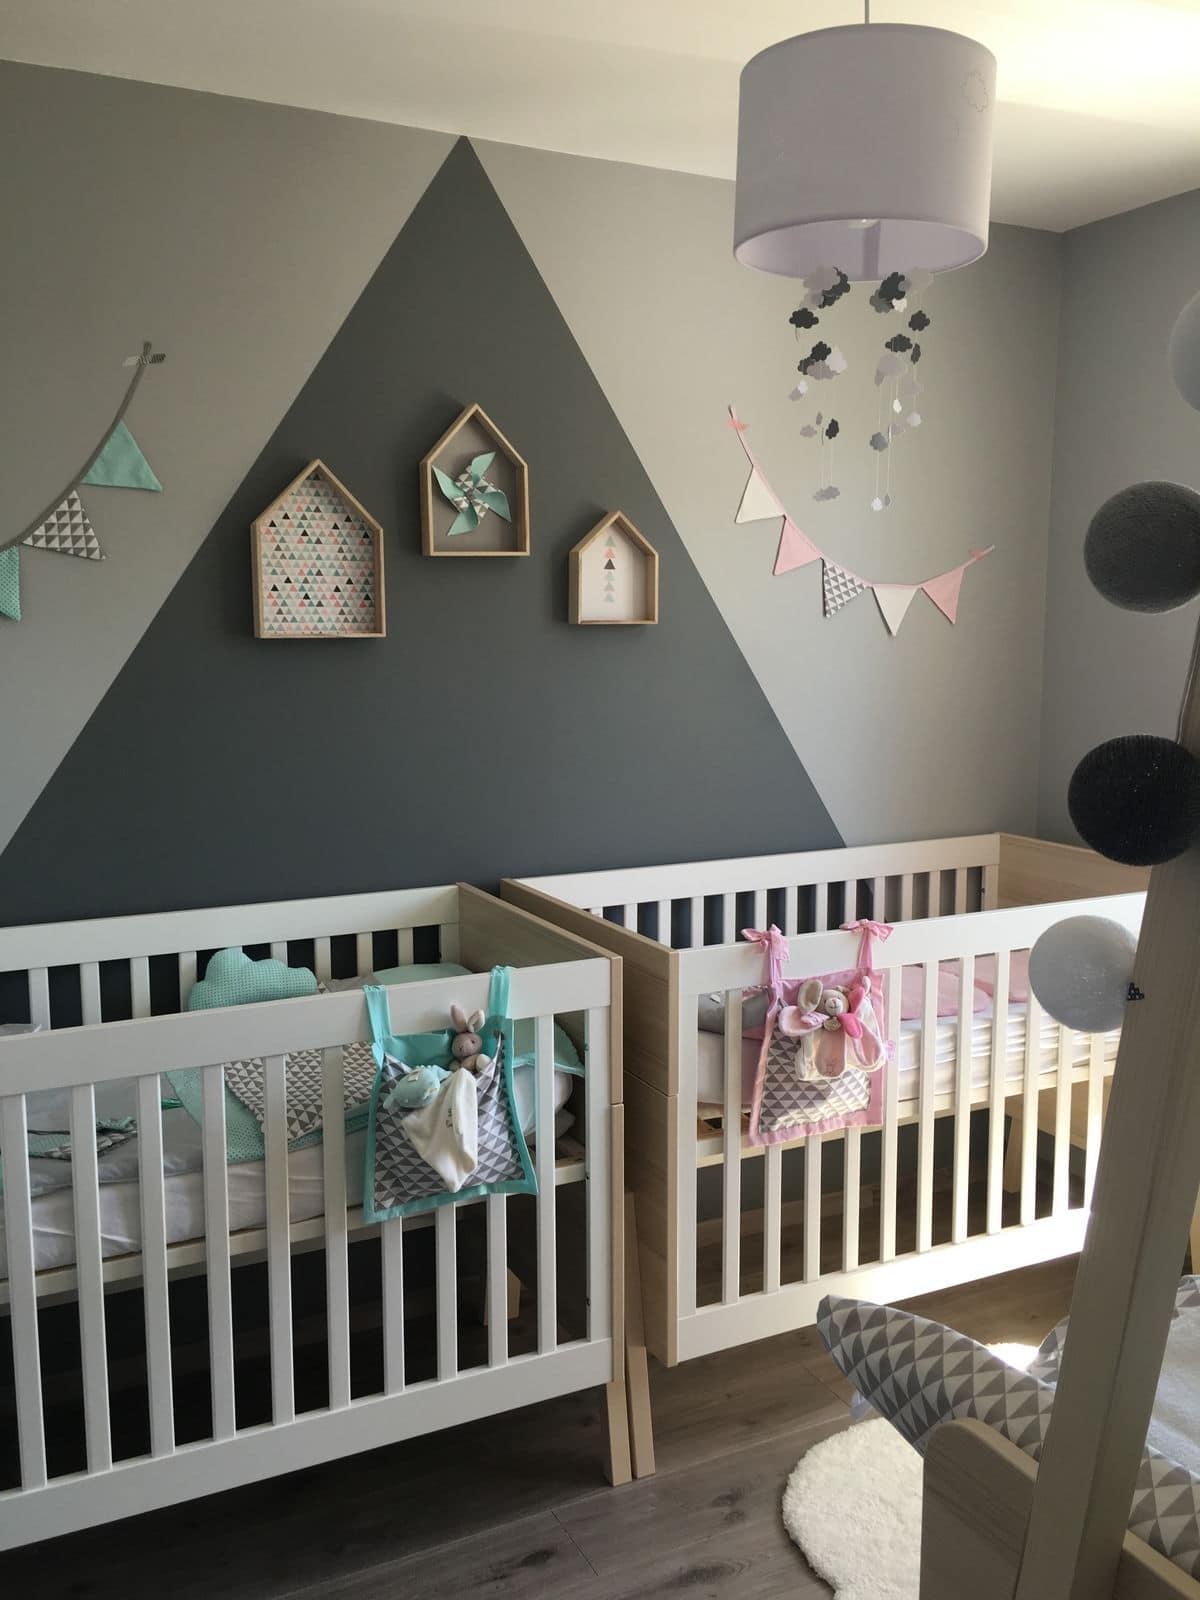 Chambre Bébé En Ligne : Chambre bébé évolutive baby vox collection spot à l